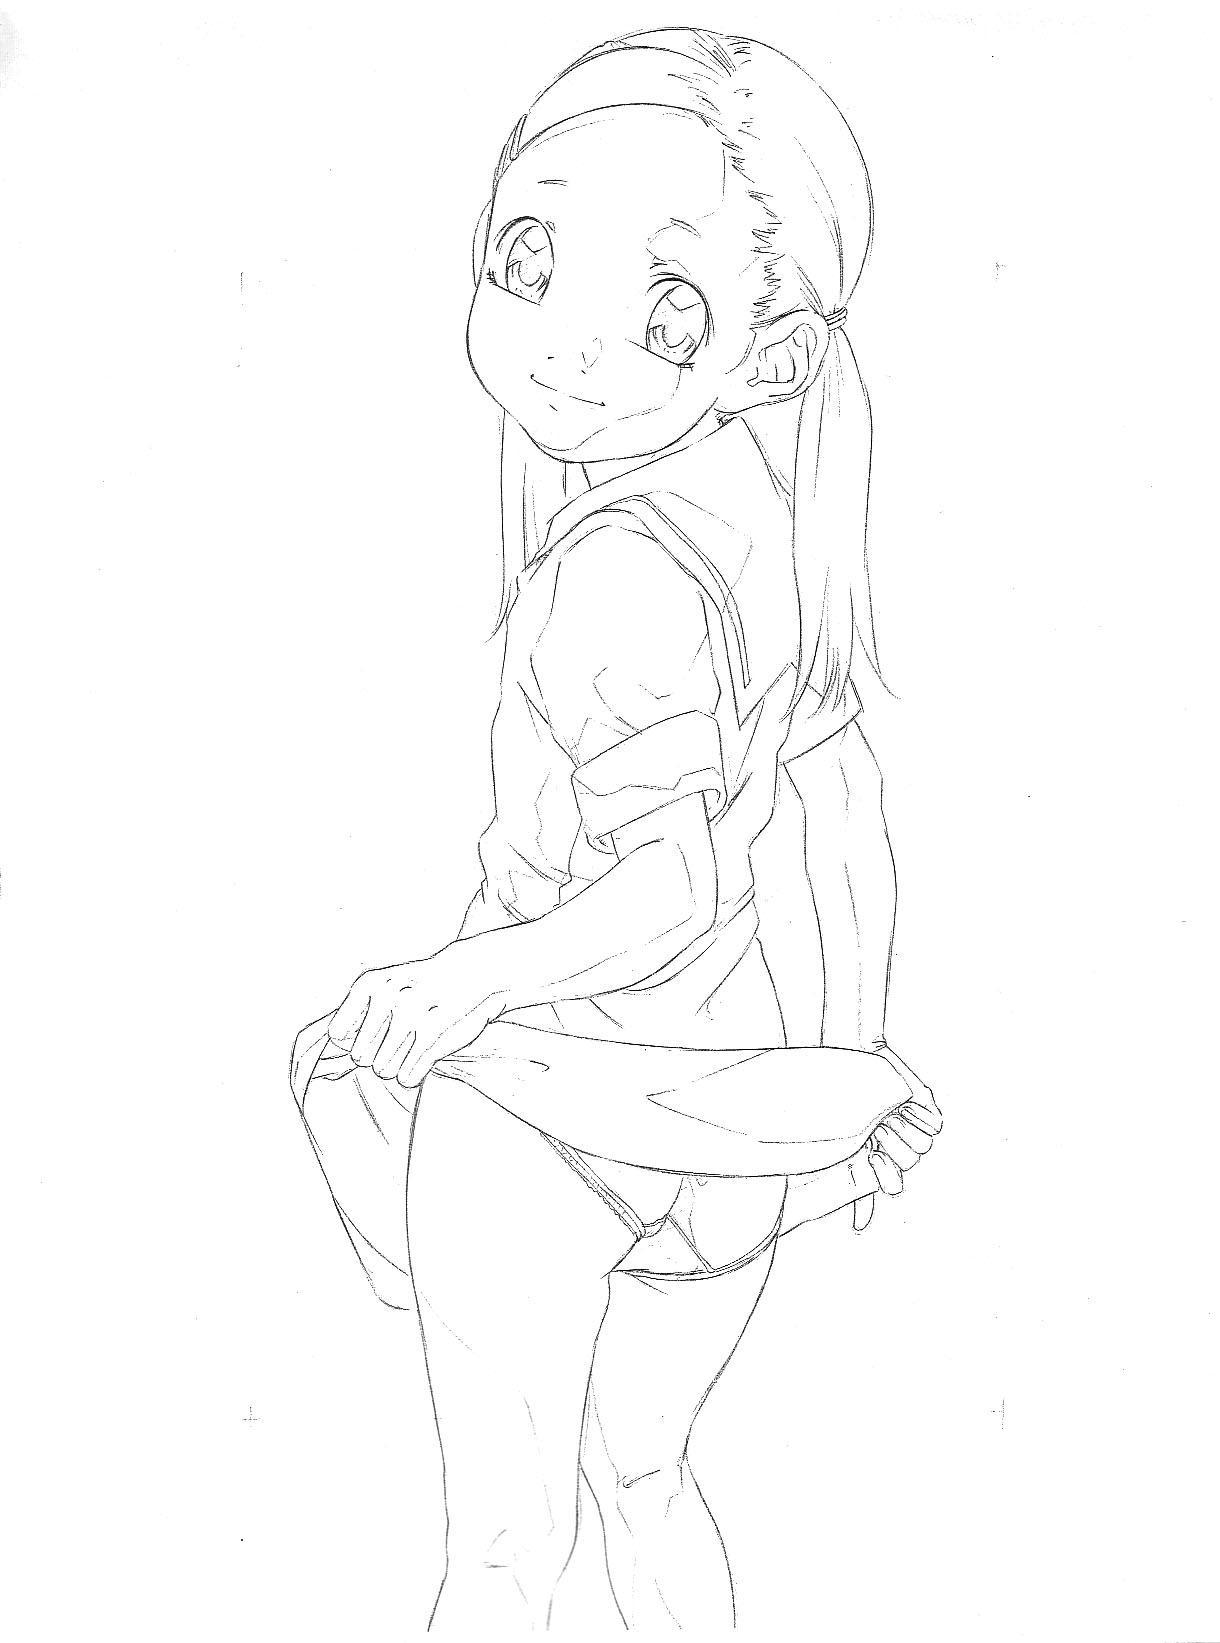 Original Rough Genga Copy Shuu 1